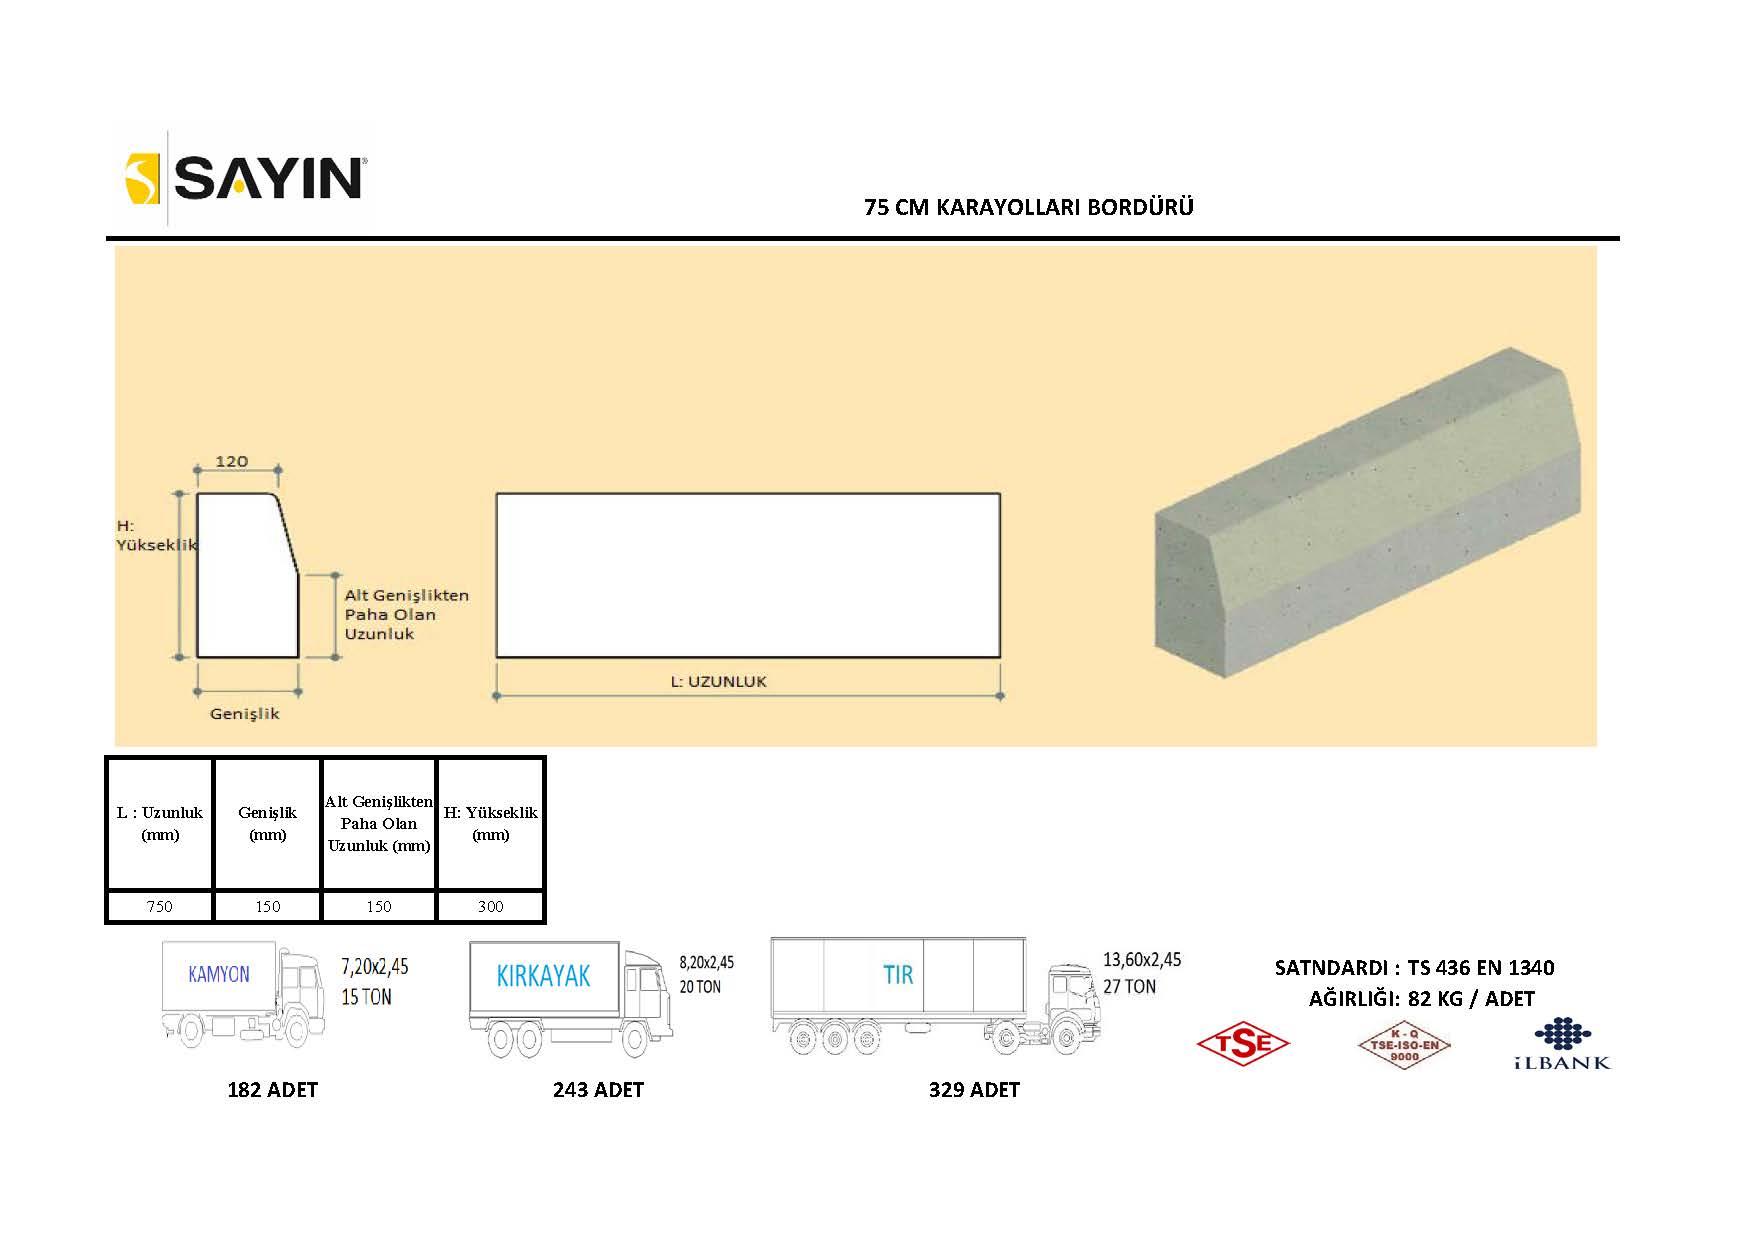 https://www.sayinprefabrik.com.tr/wp-content/uploads/2018/09/Taşıma-Kapasite-Çalışması_Sayfa_37.jpg